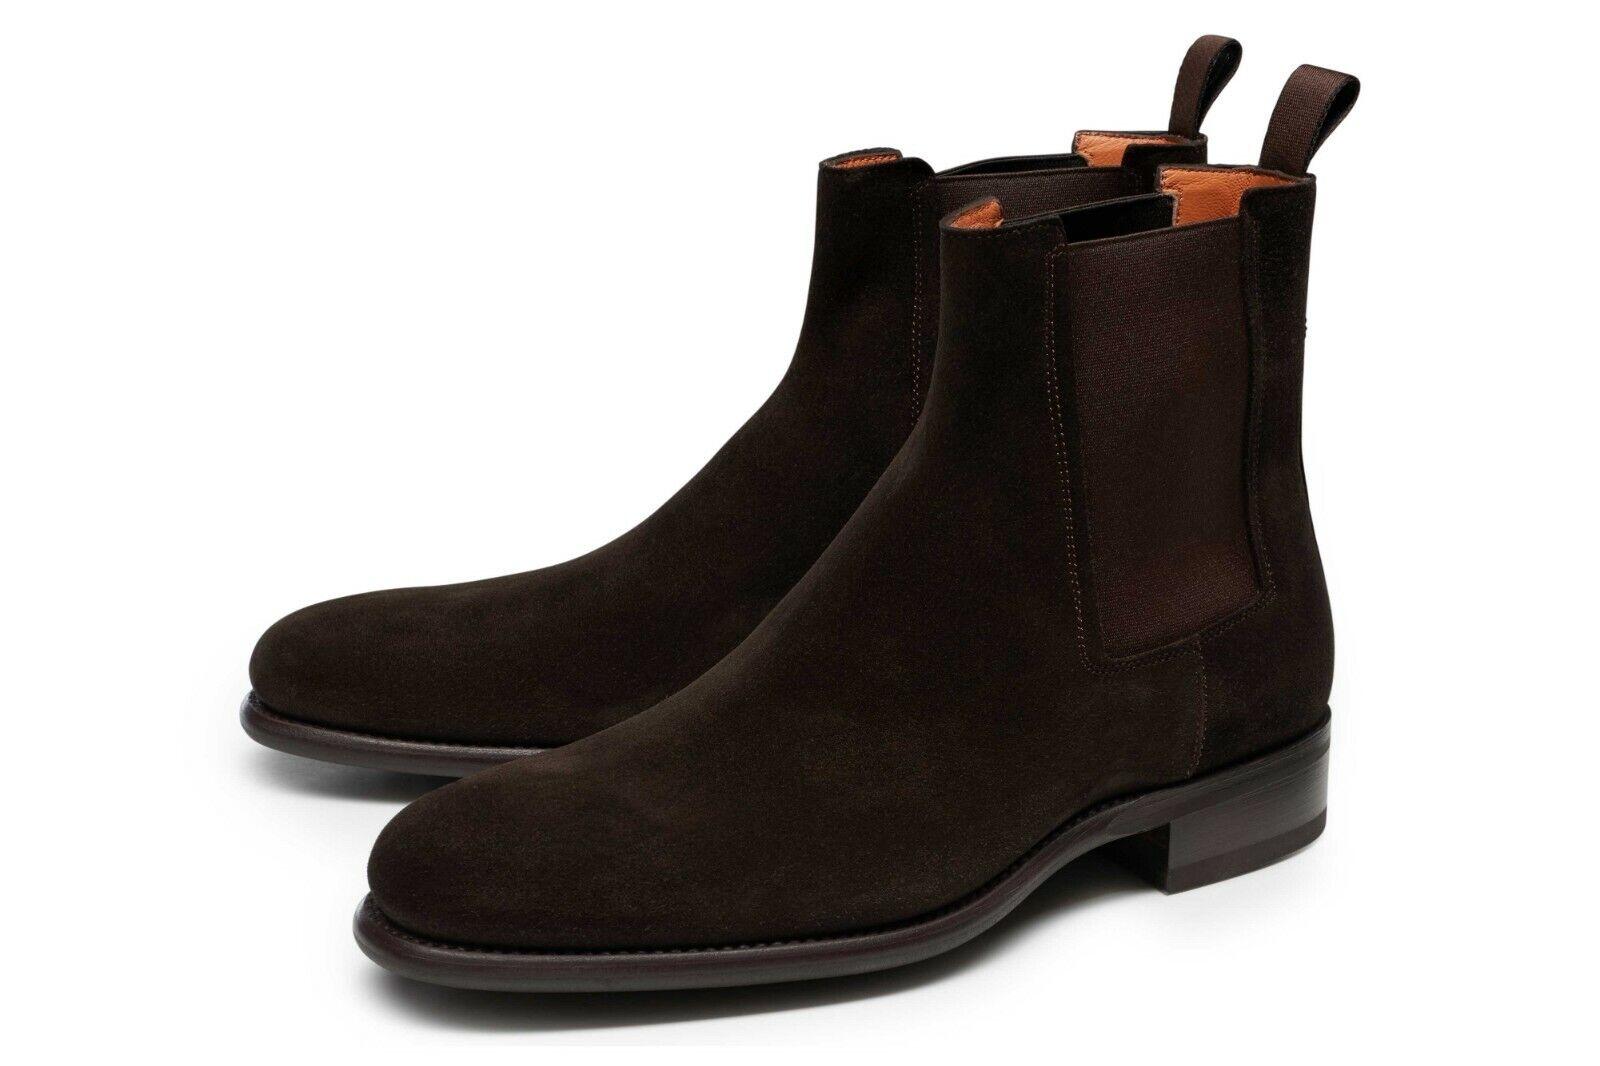 Santoni 44 10 Chelsea Stiefel Wildleder braun Schuhe Stiefel 619,-- EUR